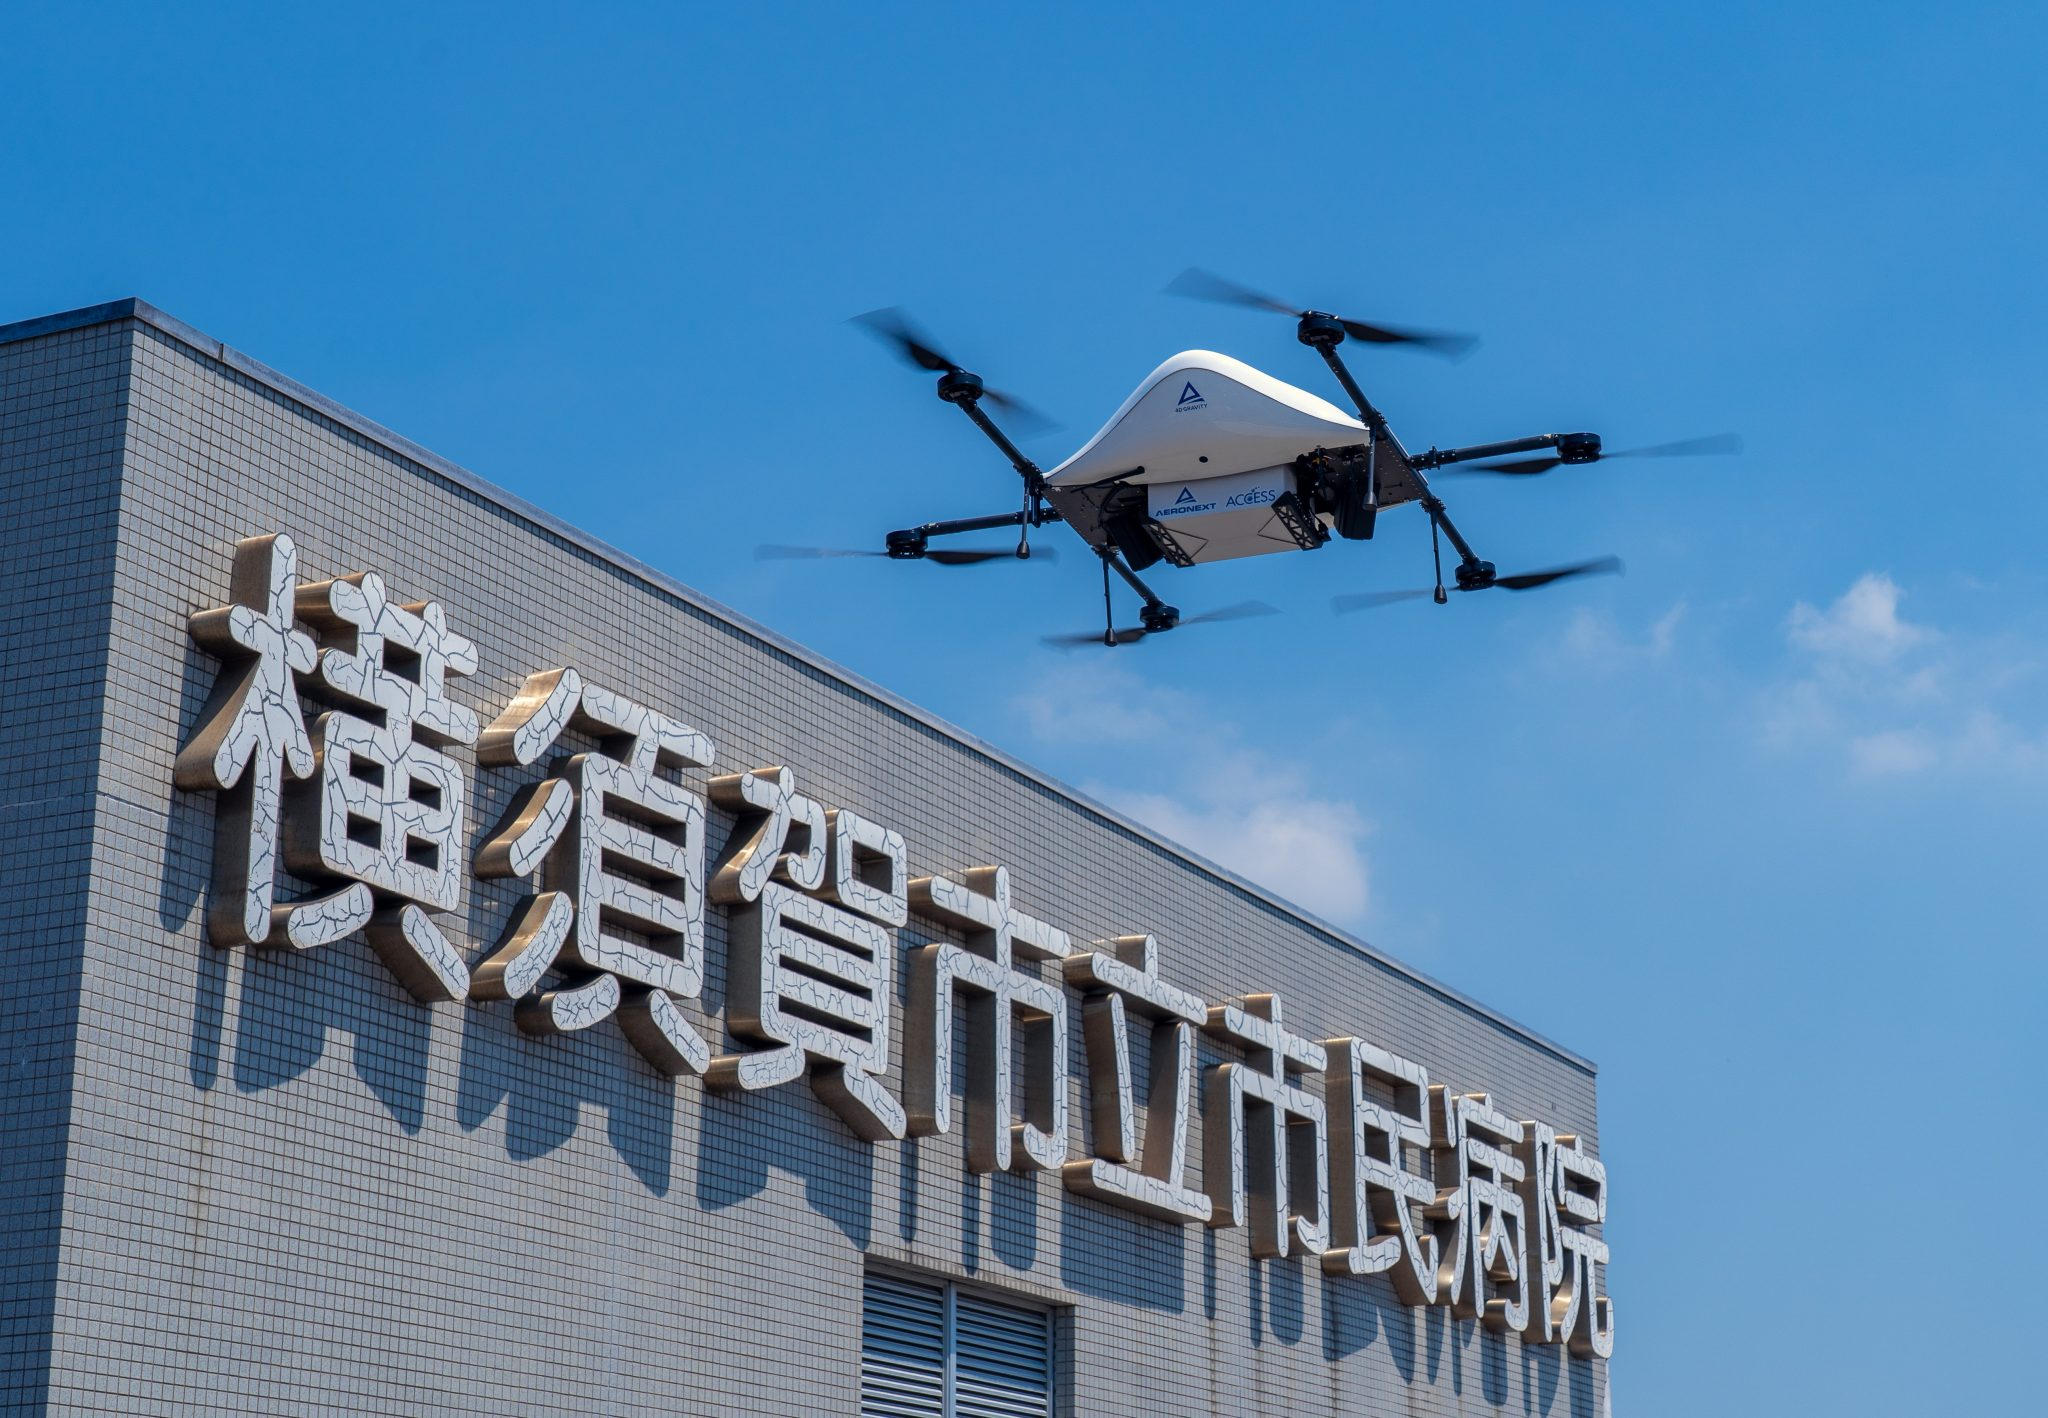 無人機跨海外送牛肉丼予醫護人員 測試 4D Gravity 技術抗晃能力